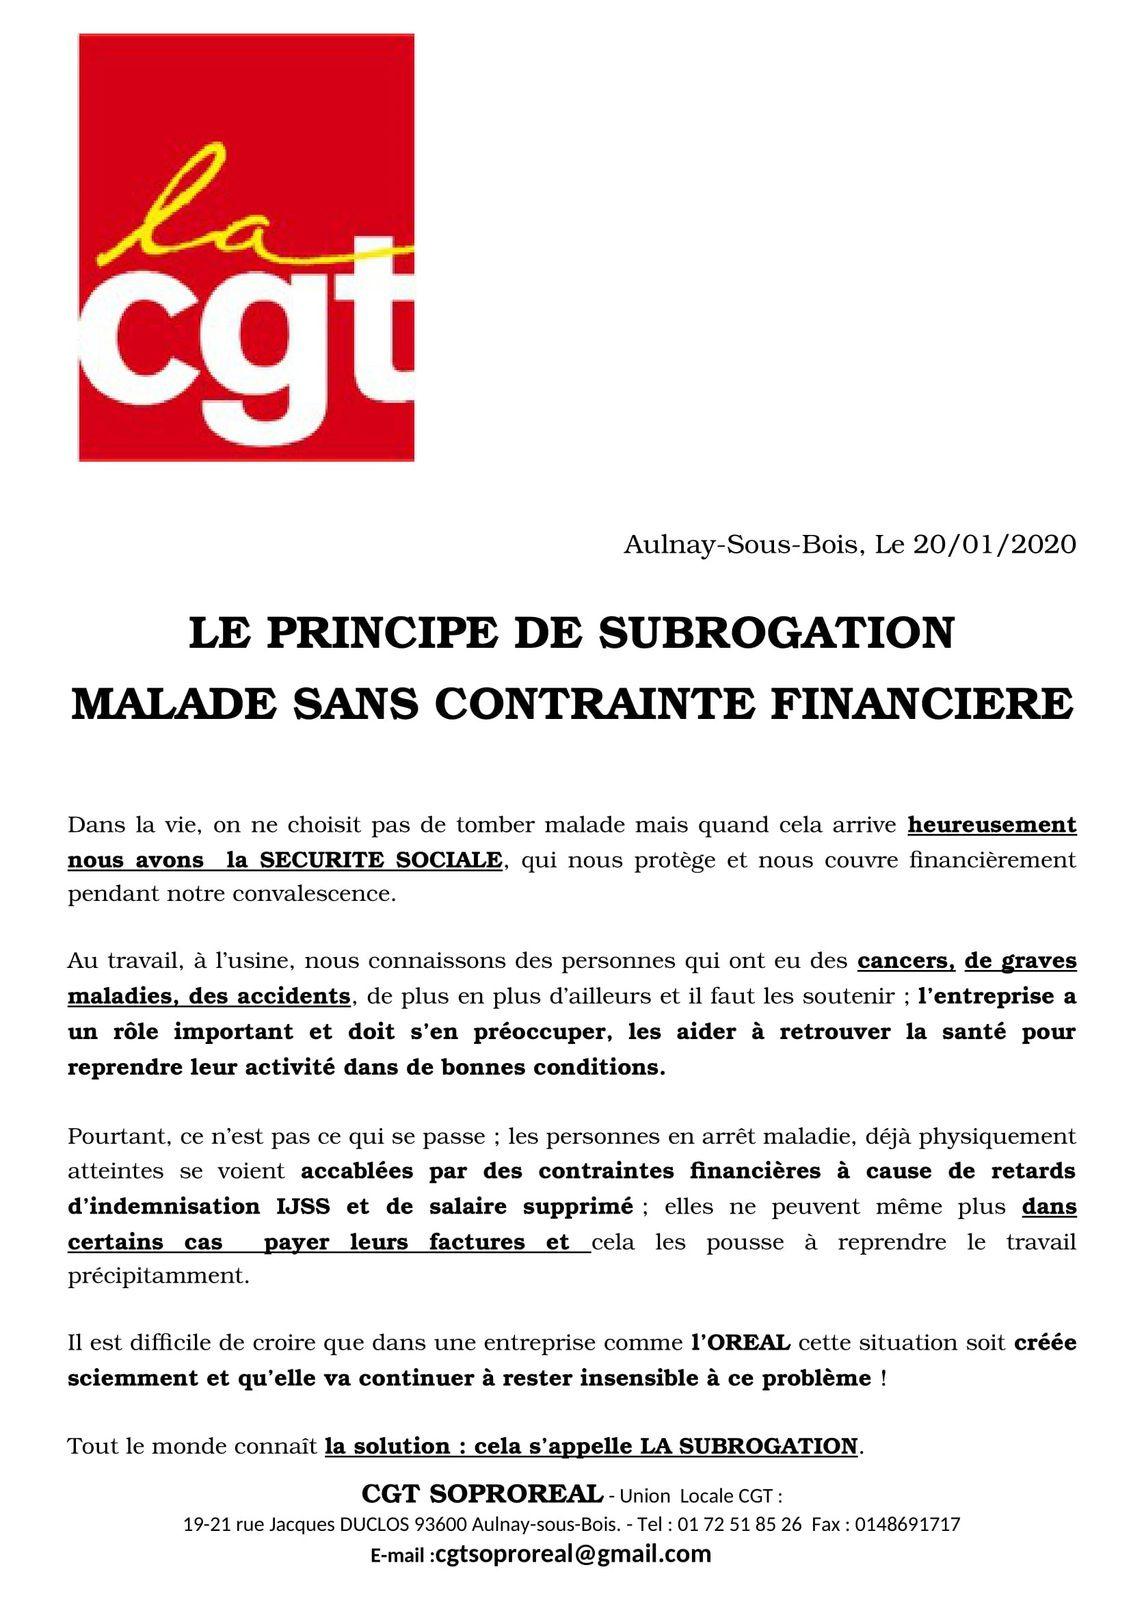 La CGT Soproreal d'Aulnay-sous-Bois demande la subrogation pour le groupe l'Oréal